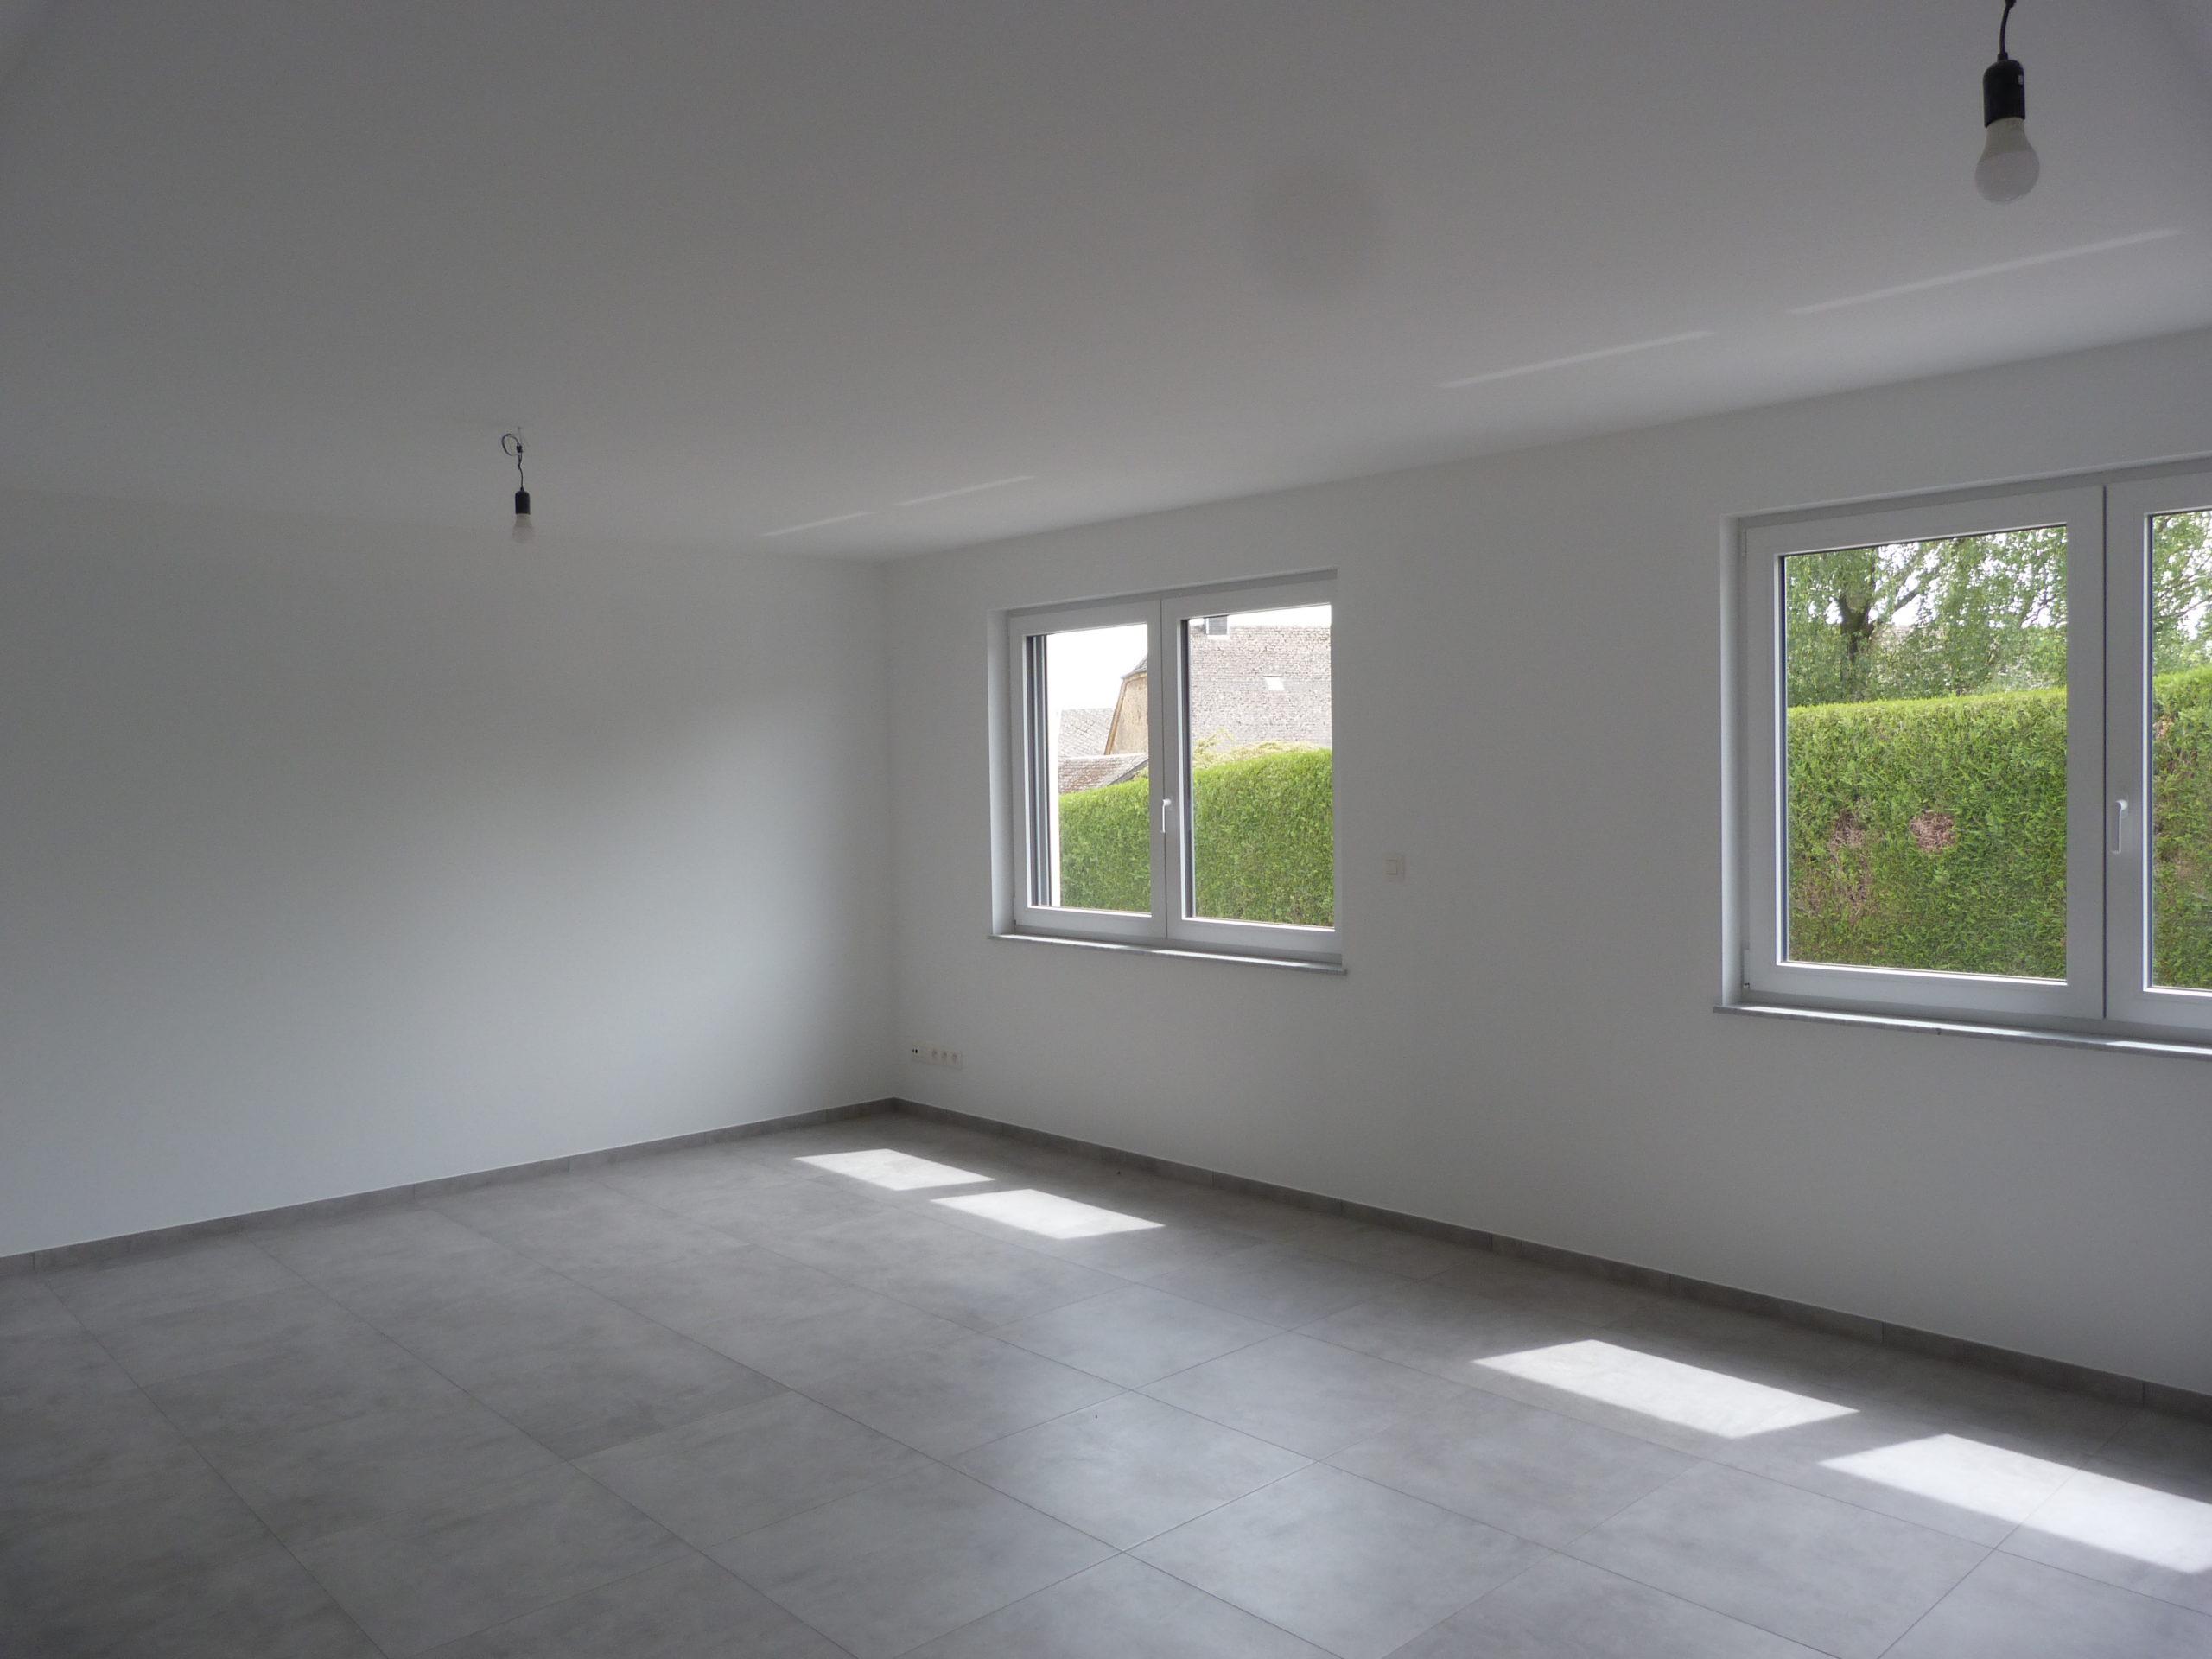 résidence Aix sur Cloie 2 3 scaled